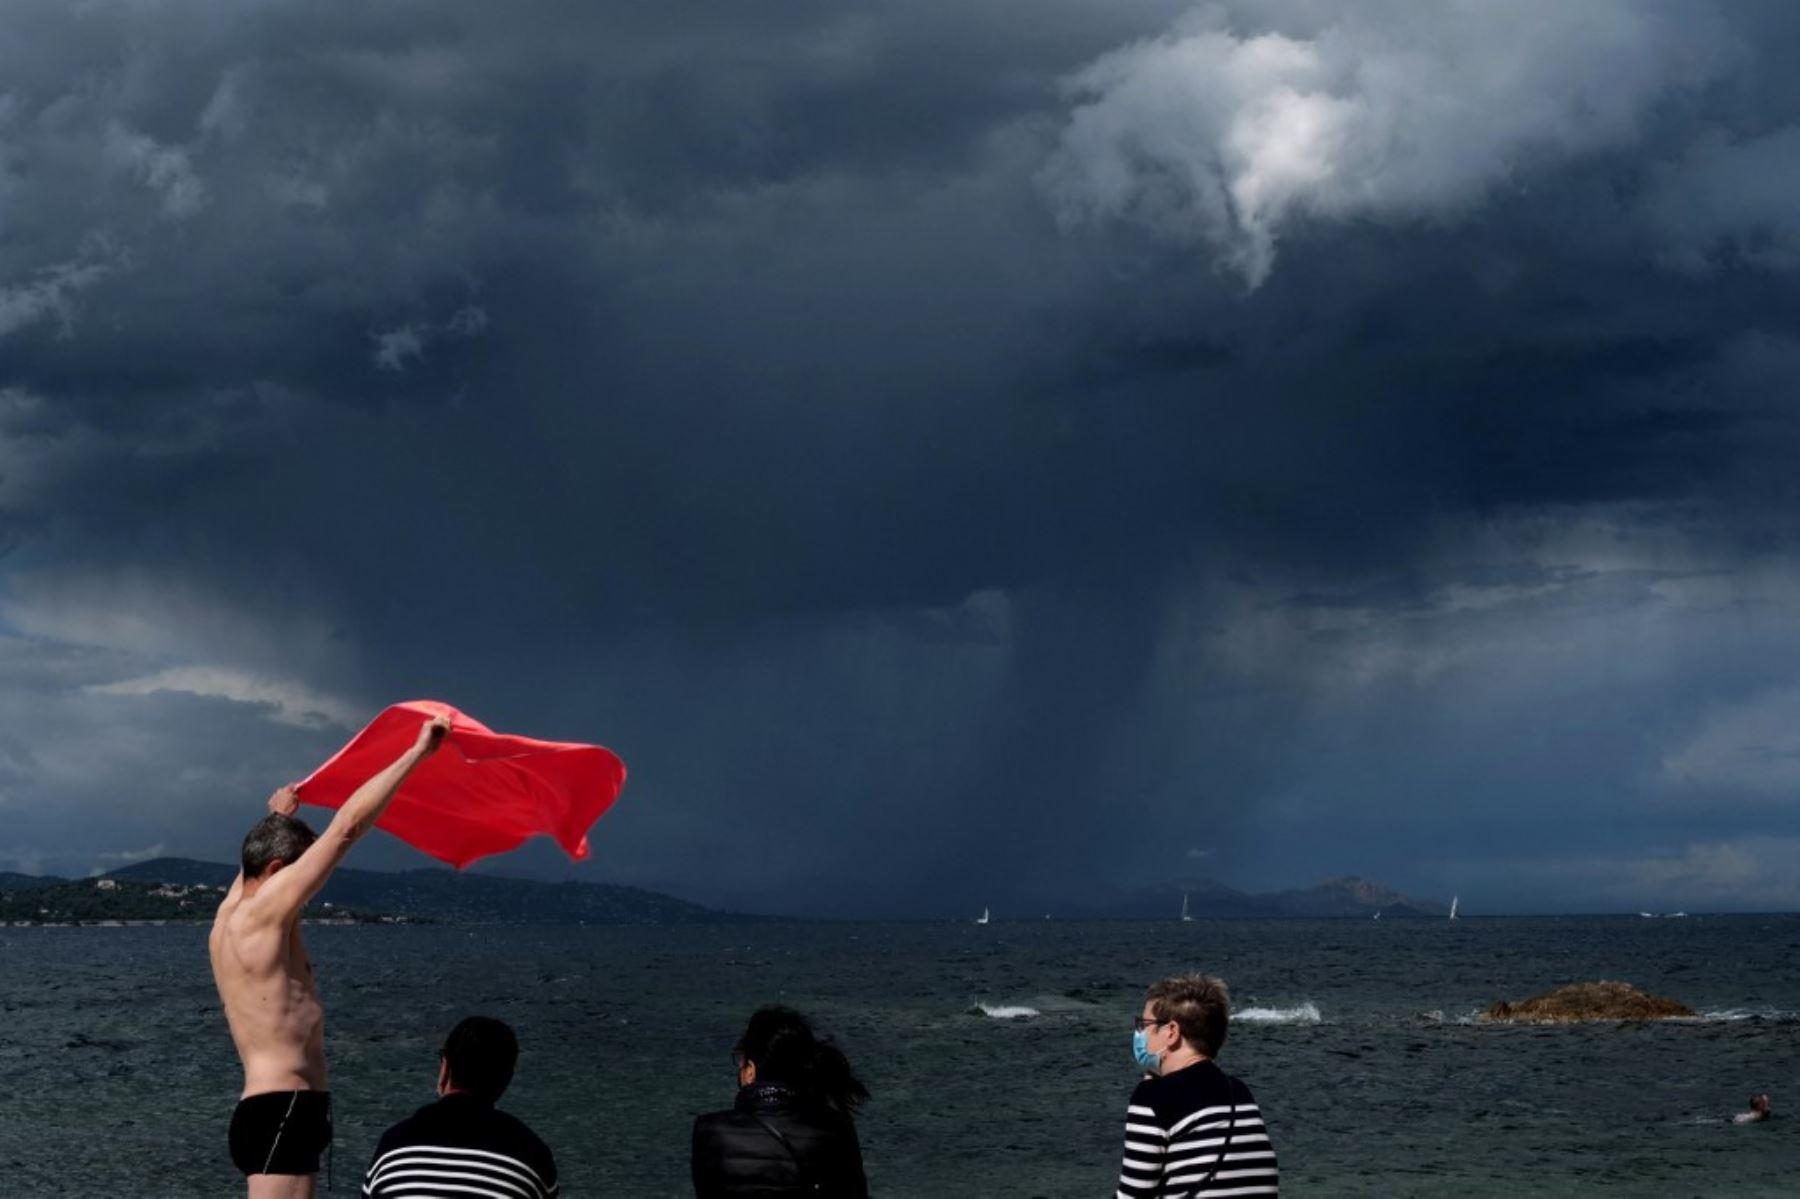 Un hombre retiene su toalla de playa debido al viento cuando se acerca una tormenta, en Saint-Tropez, en el sur de Francia. Foto: AFP